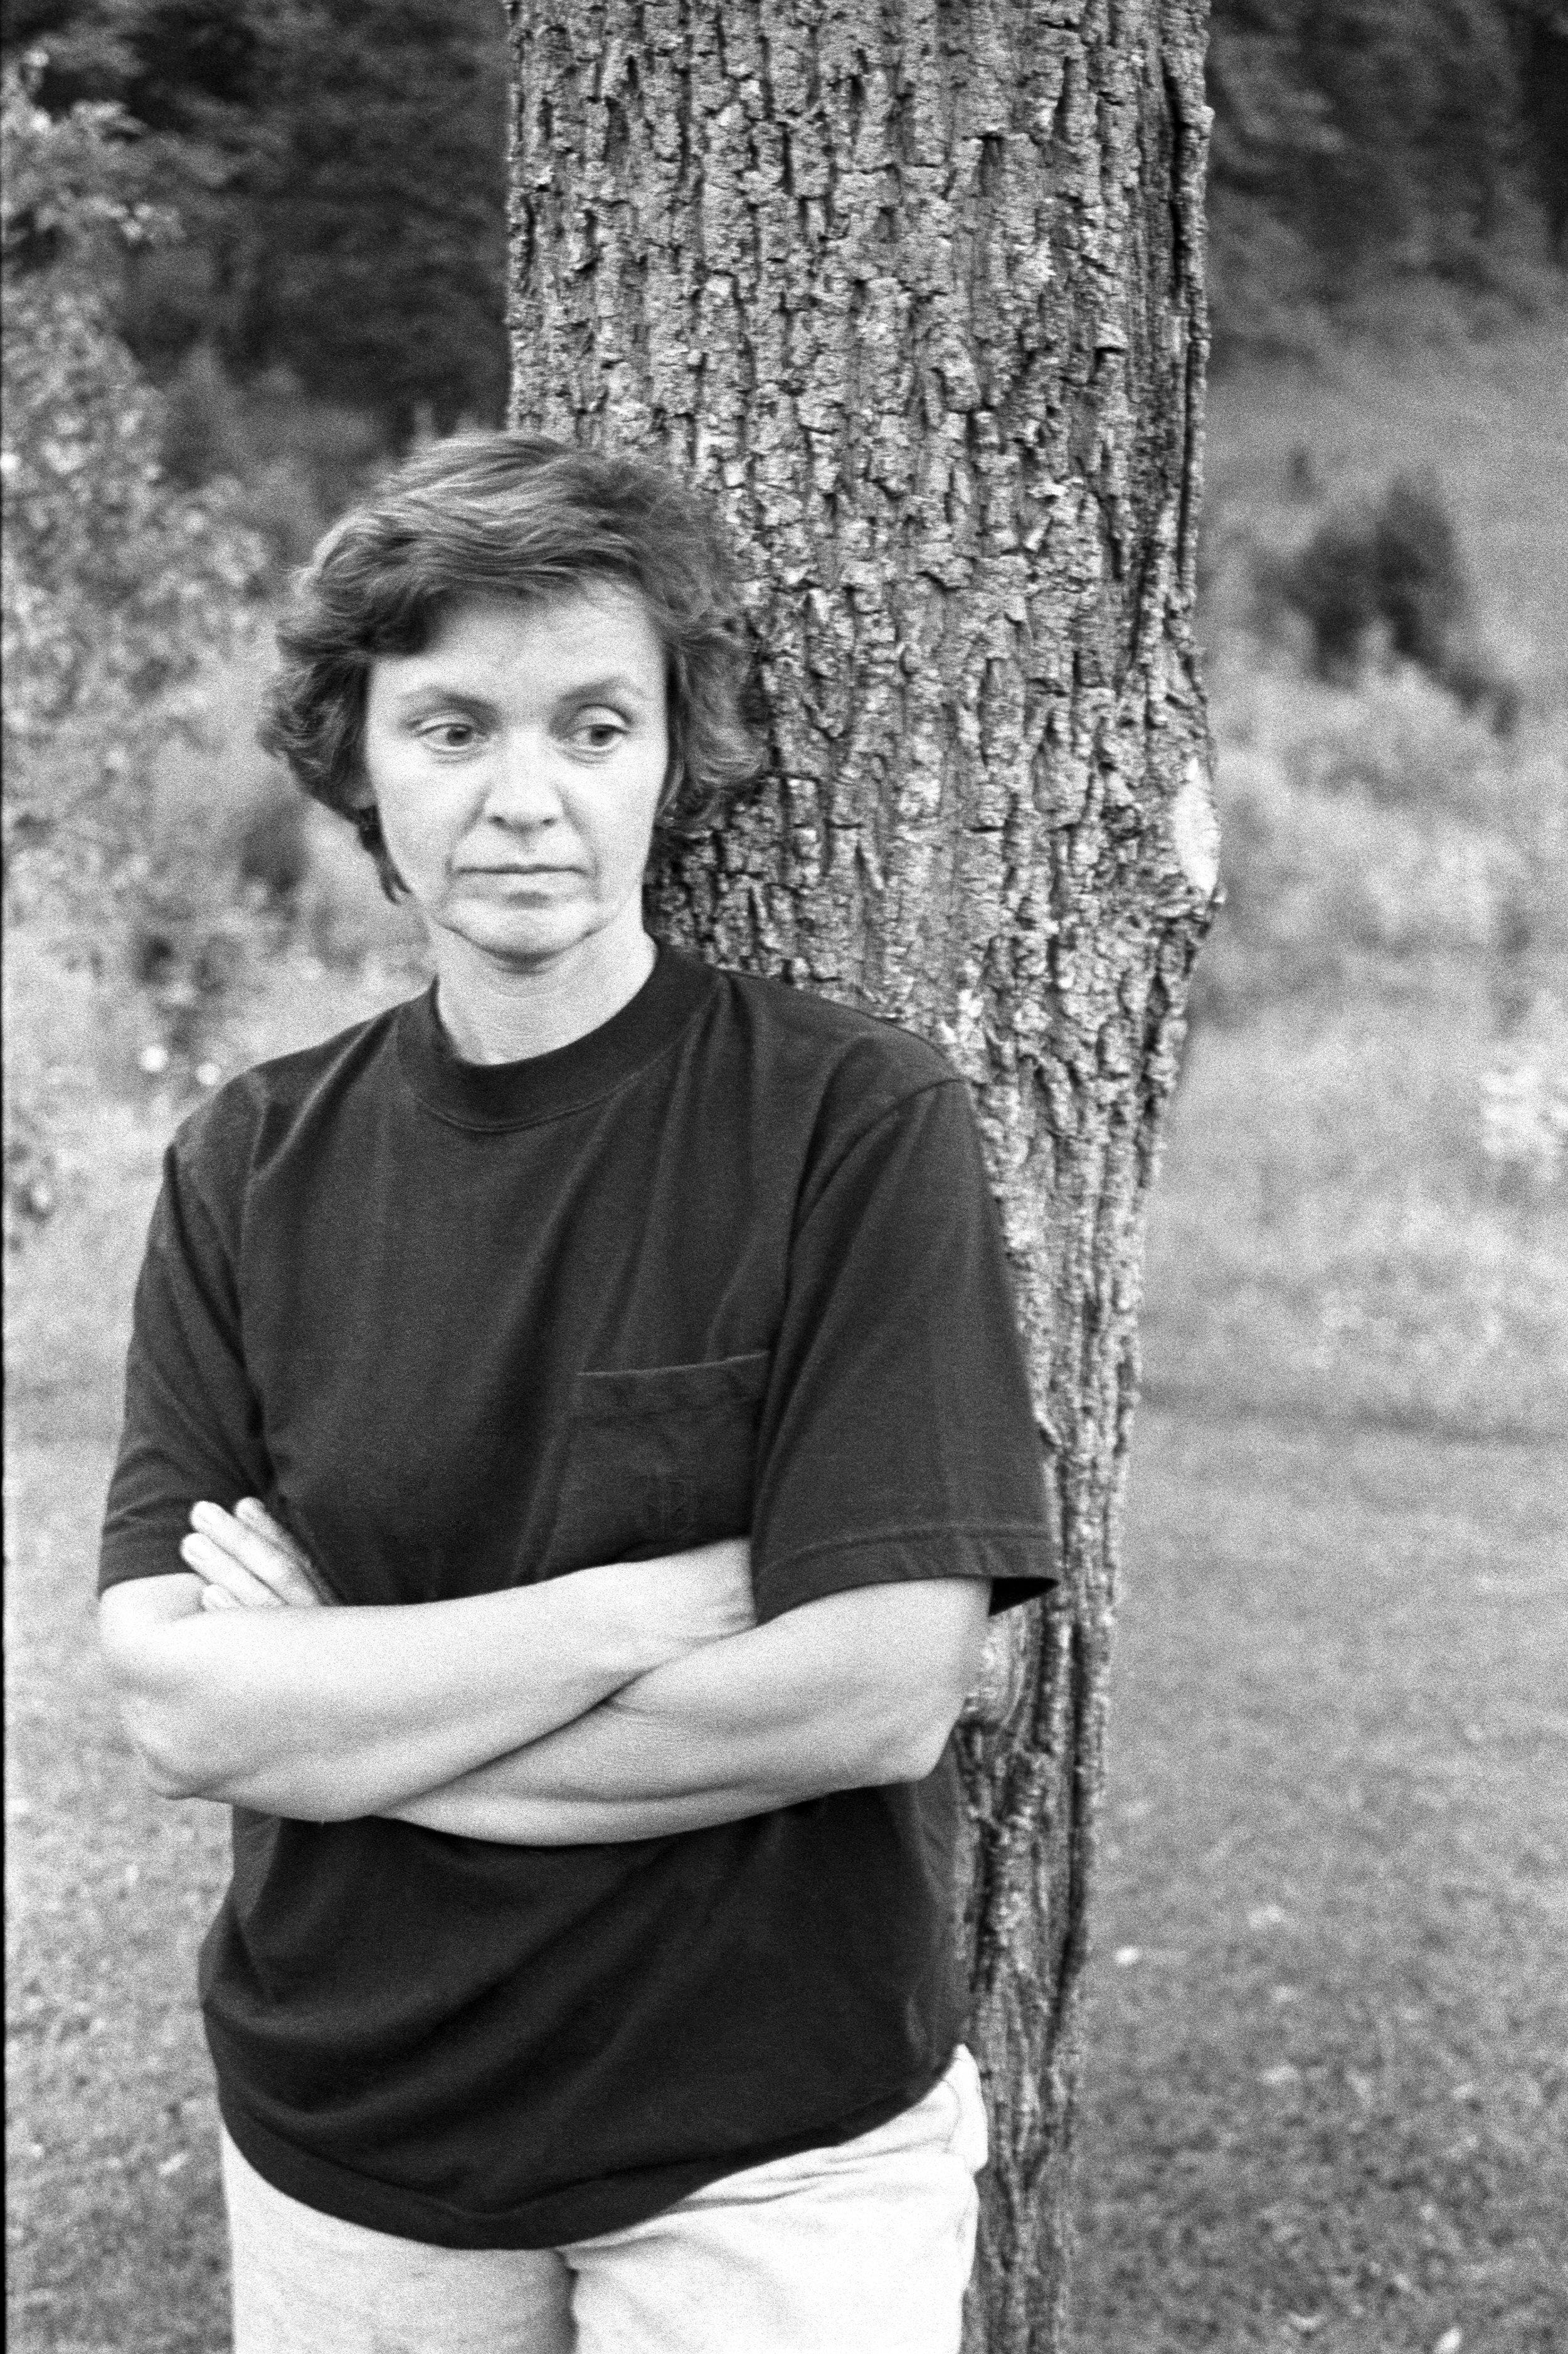 1993-Mum-Barn11.jpg